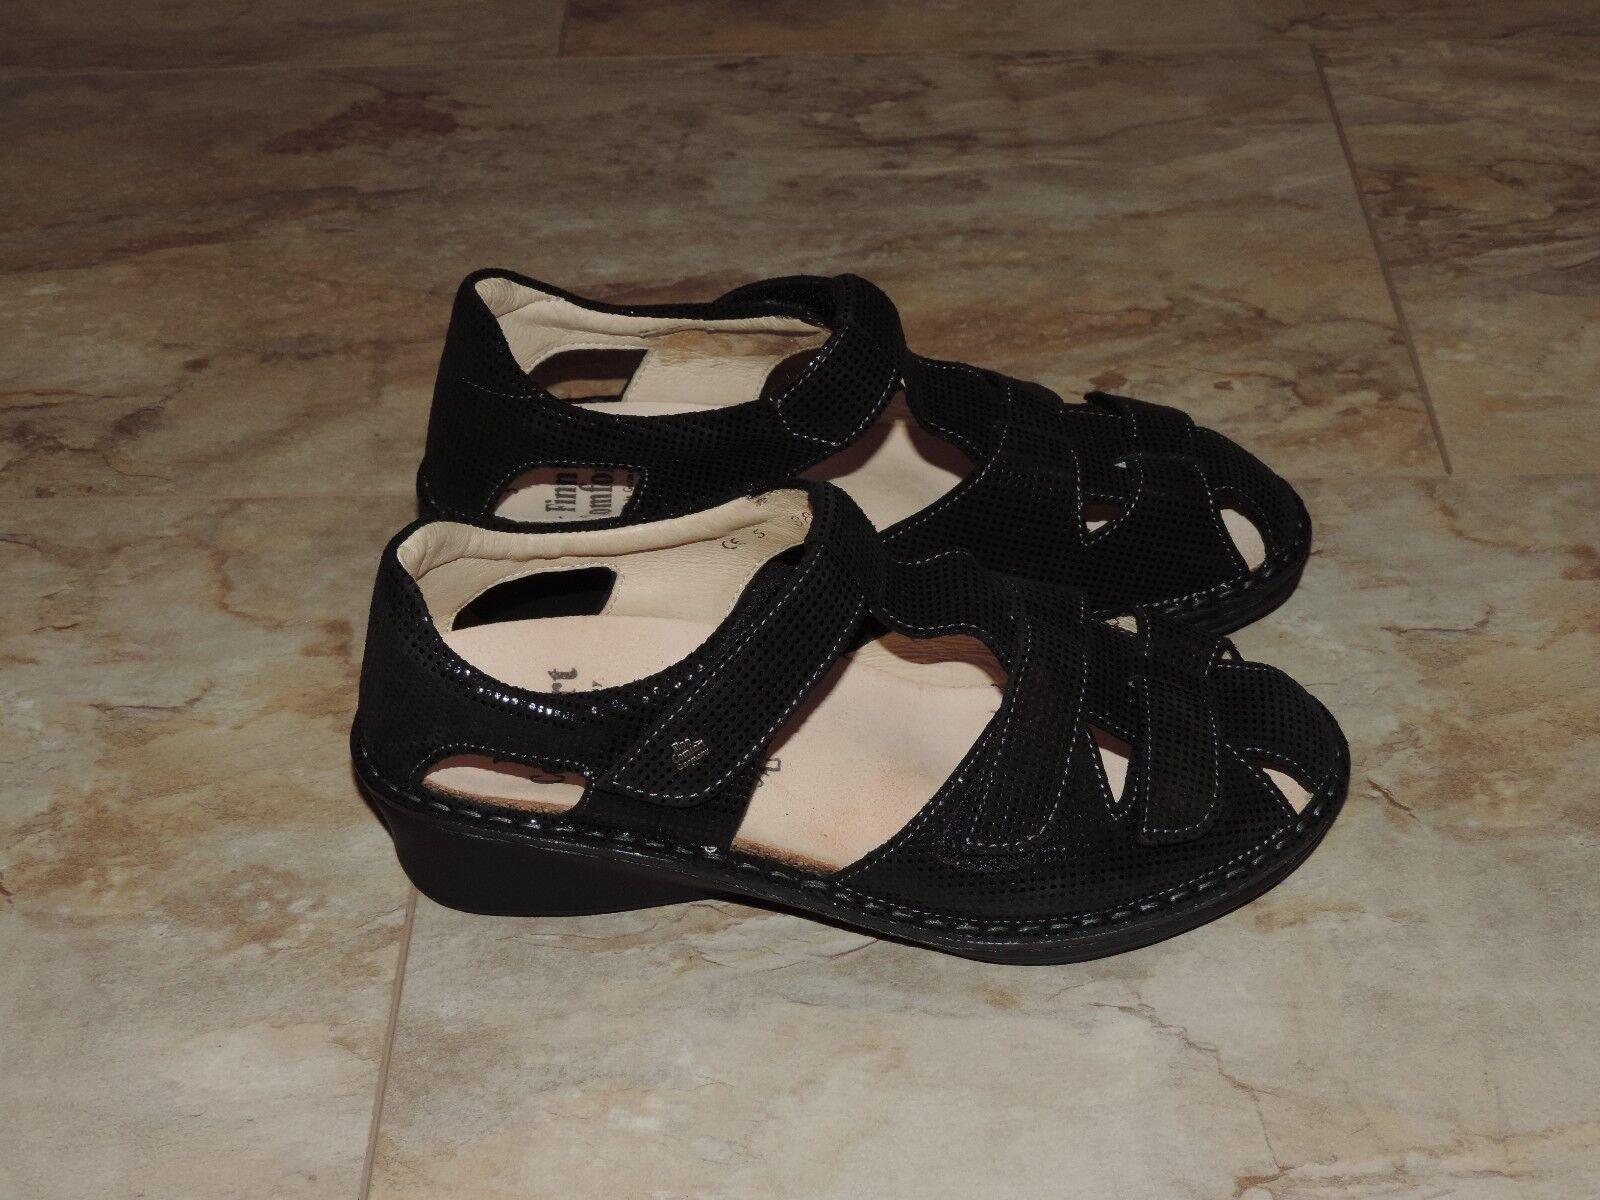 Schuhe, Sandalen Gr. UK 5 D Comfort Finn nsqtxh180